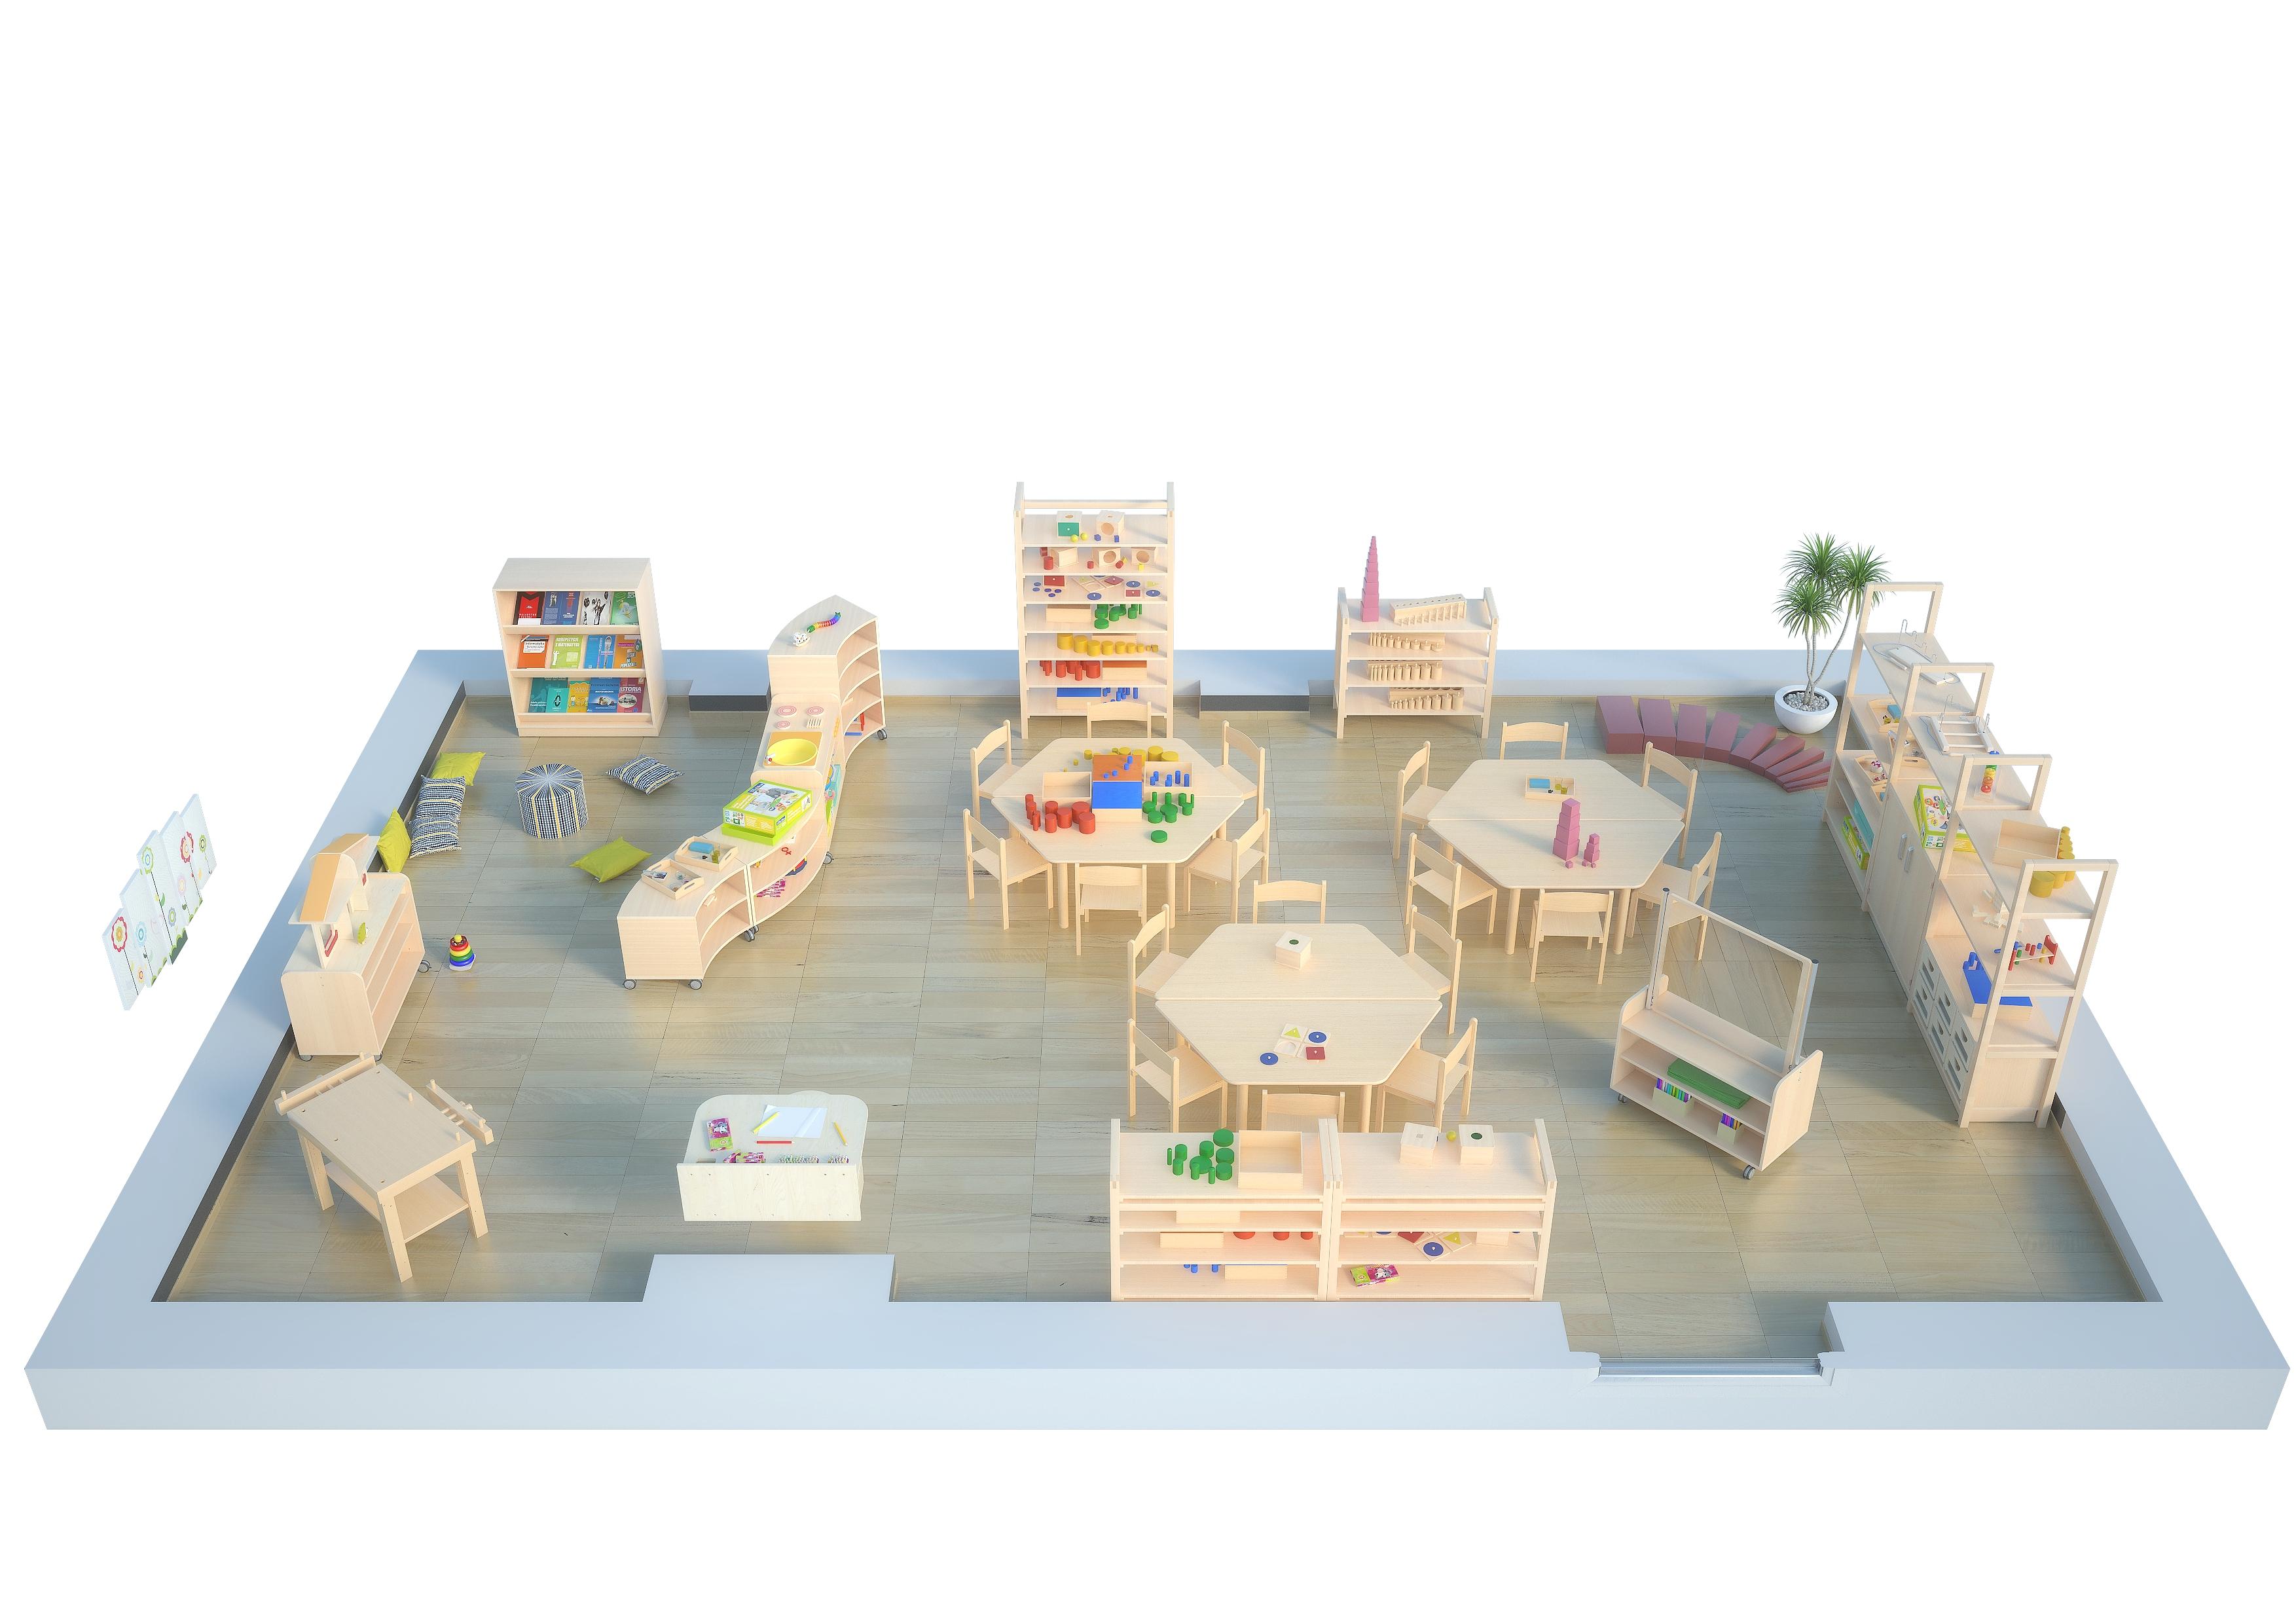 Przedszkole z meblami Flexi wyposażone w zgodzie z założeniami koncepcji